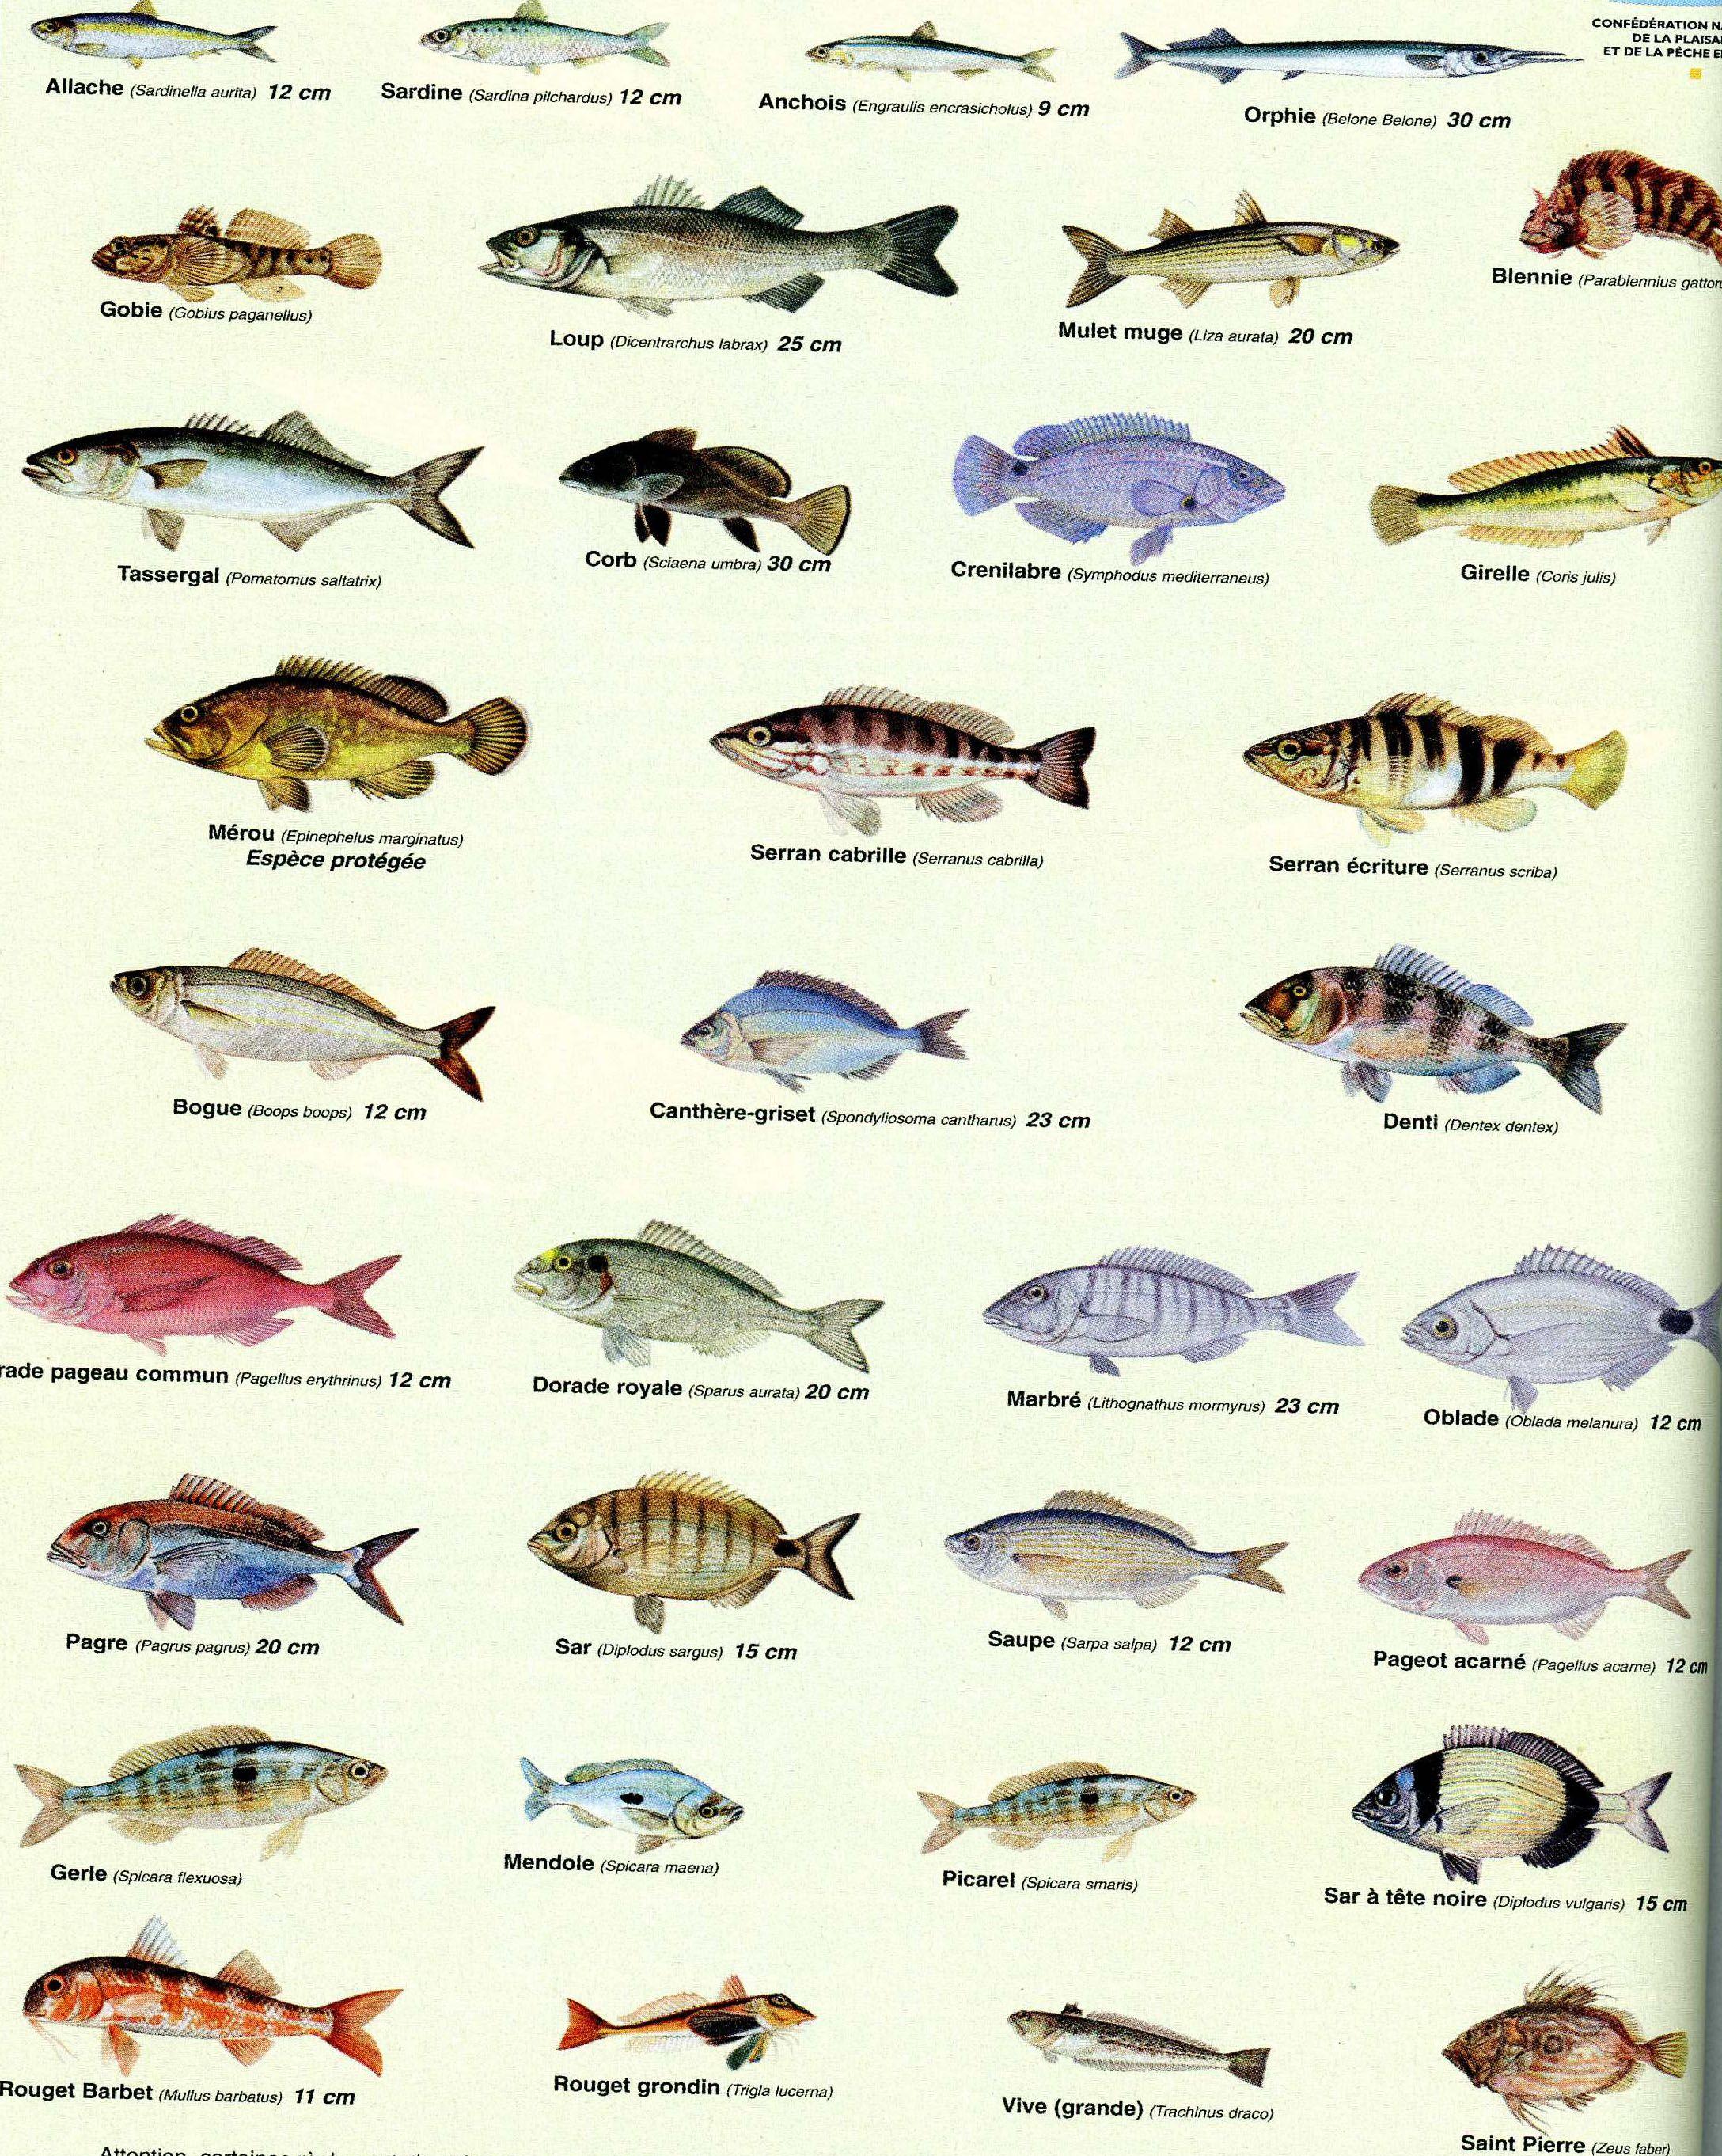 Les poissons animaux aquatiques pinterest les - Grand poisson de mer ...